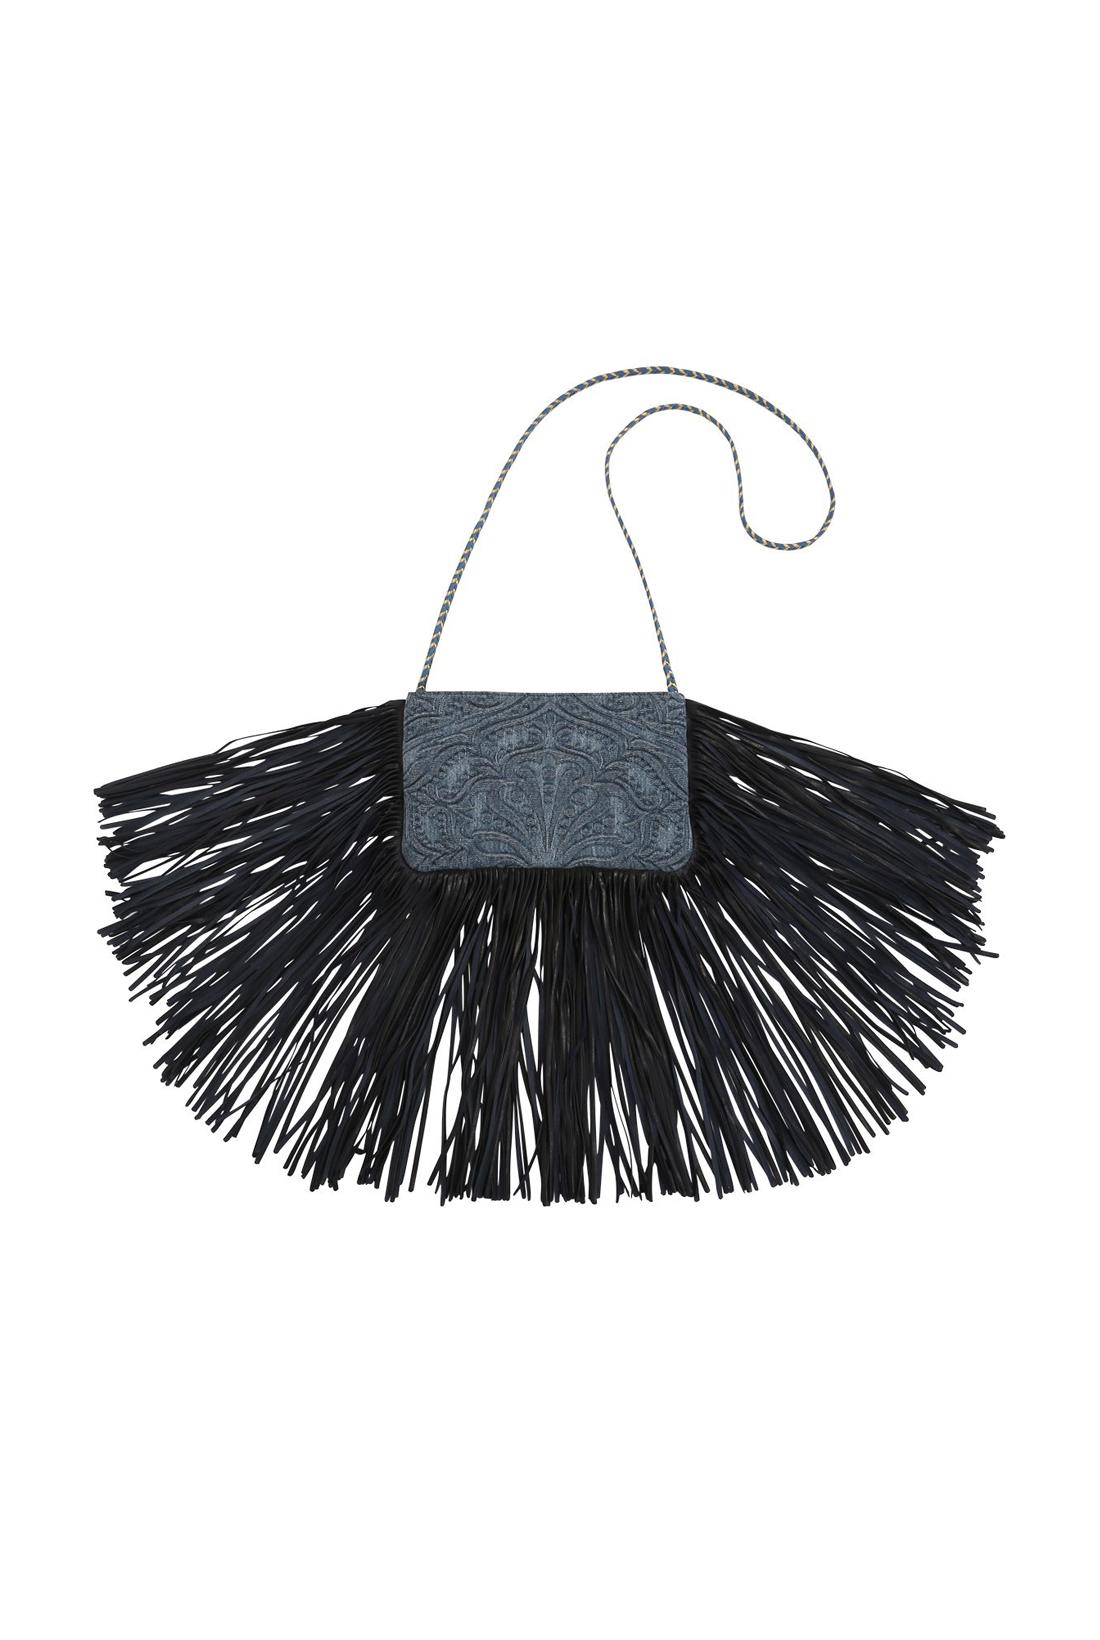 04-spring-denim-trends-bags-01.jpg